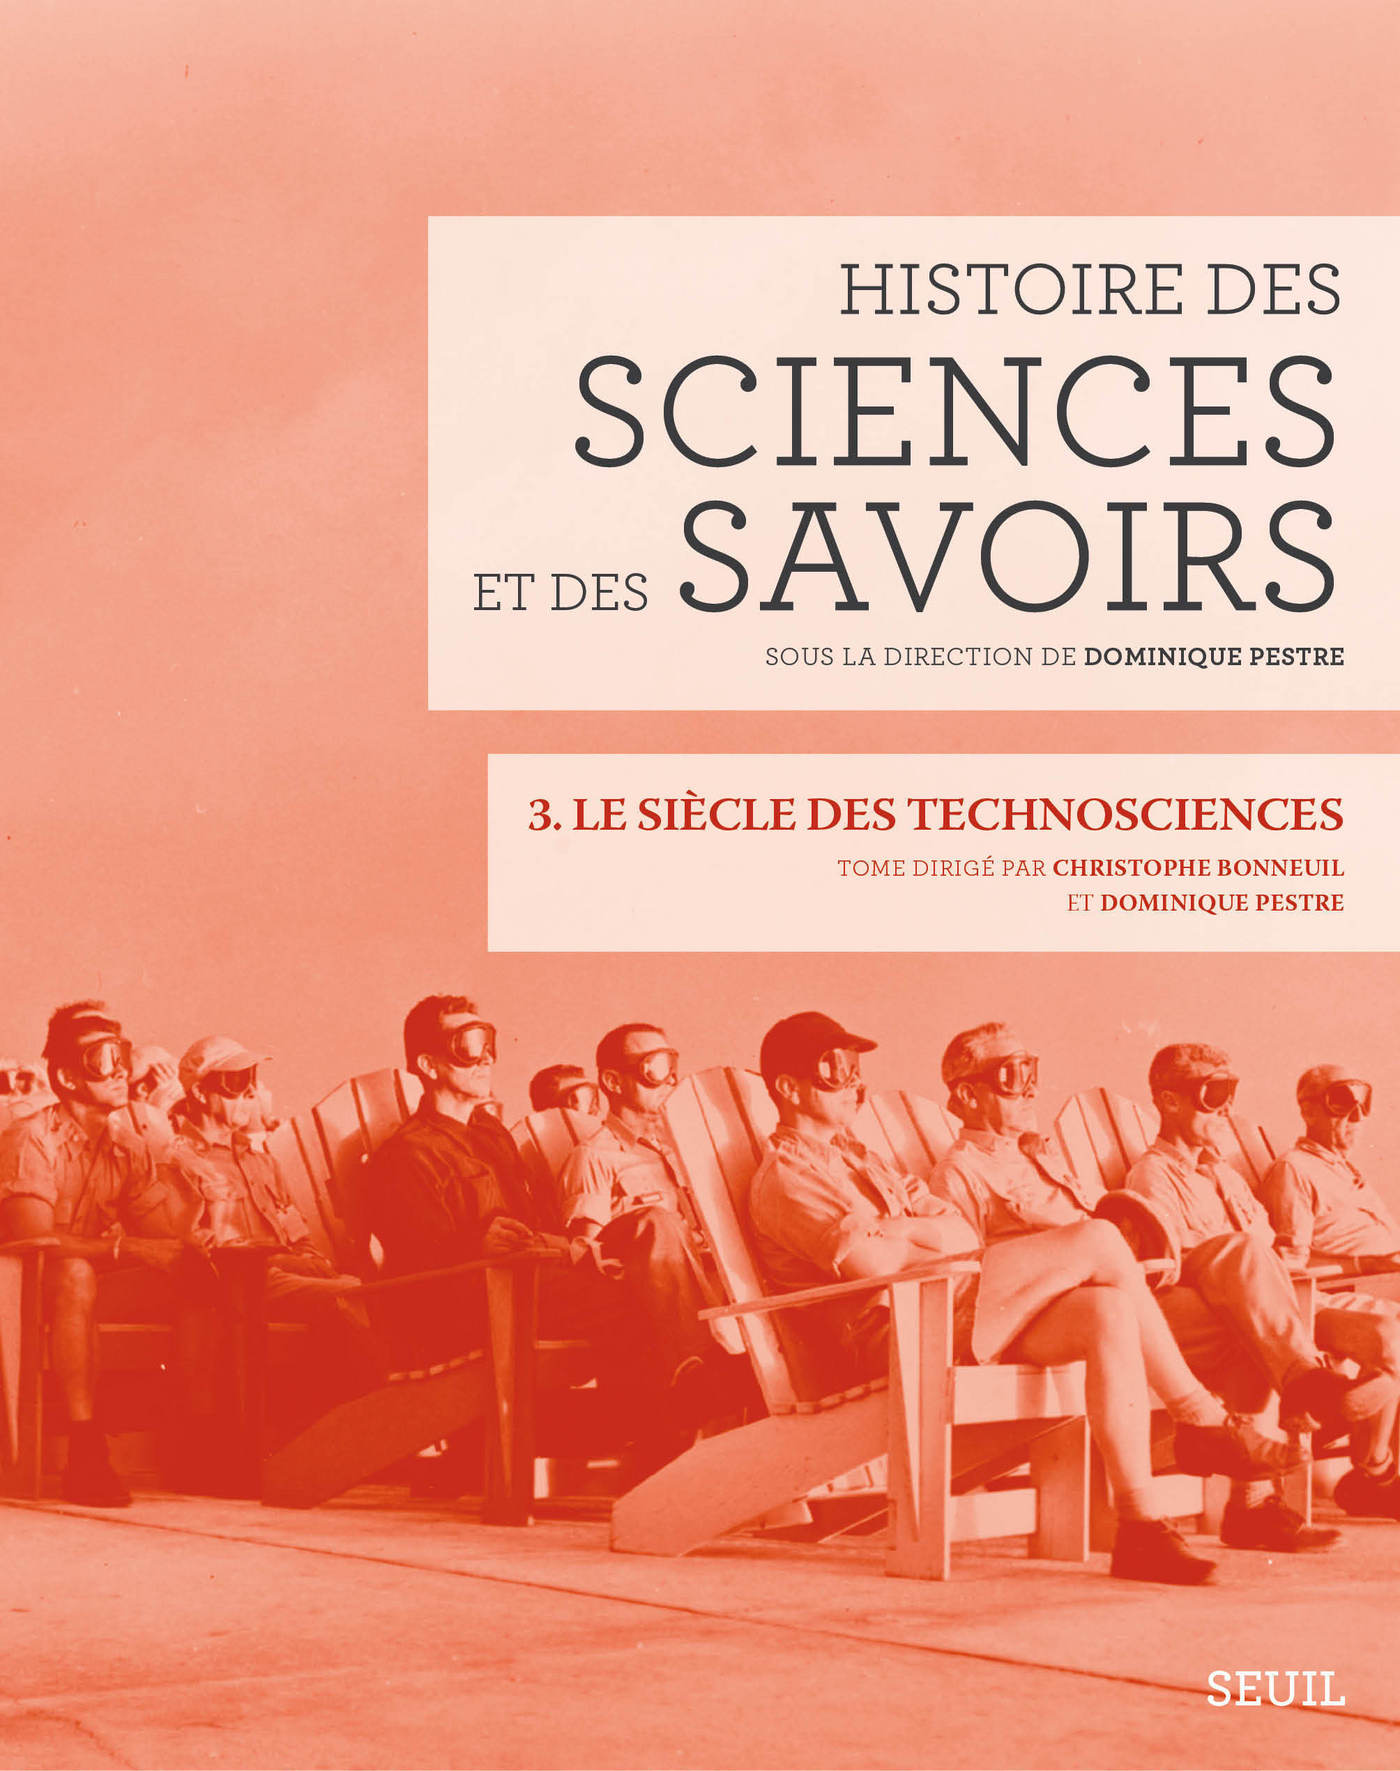 Histoire des sciences et des savoirs, t. 3. Le siècle des technosciences